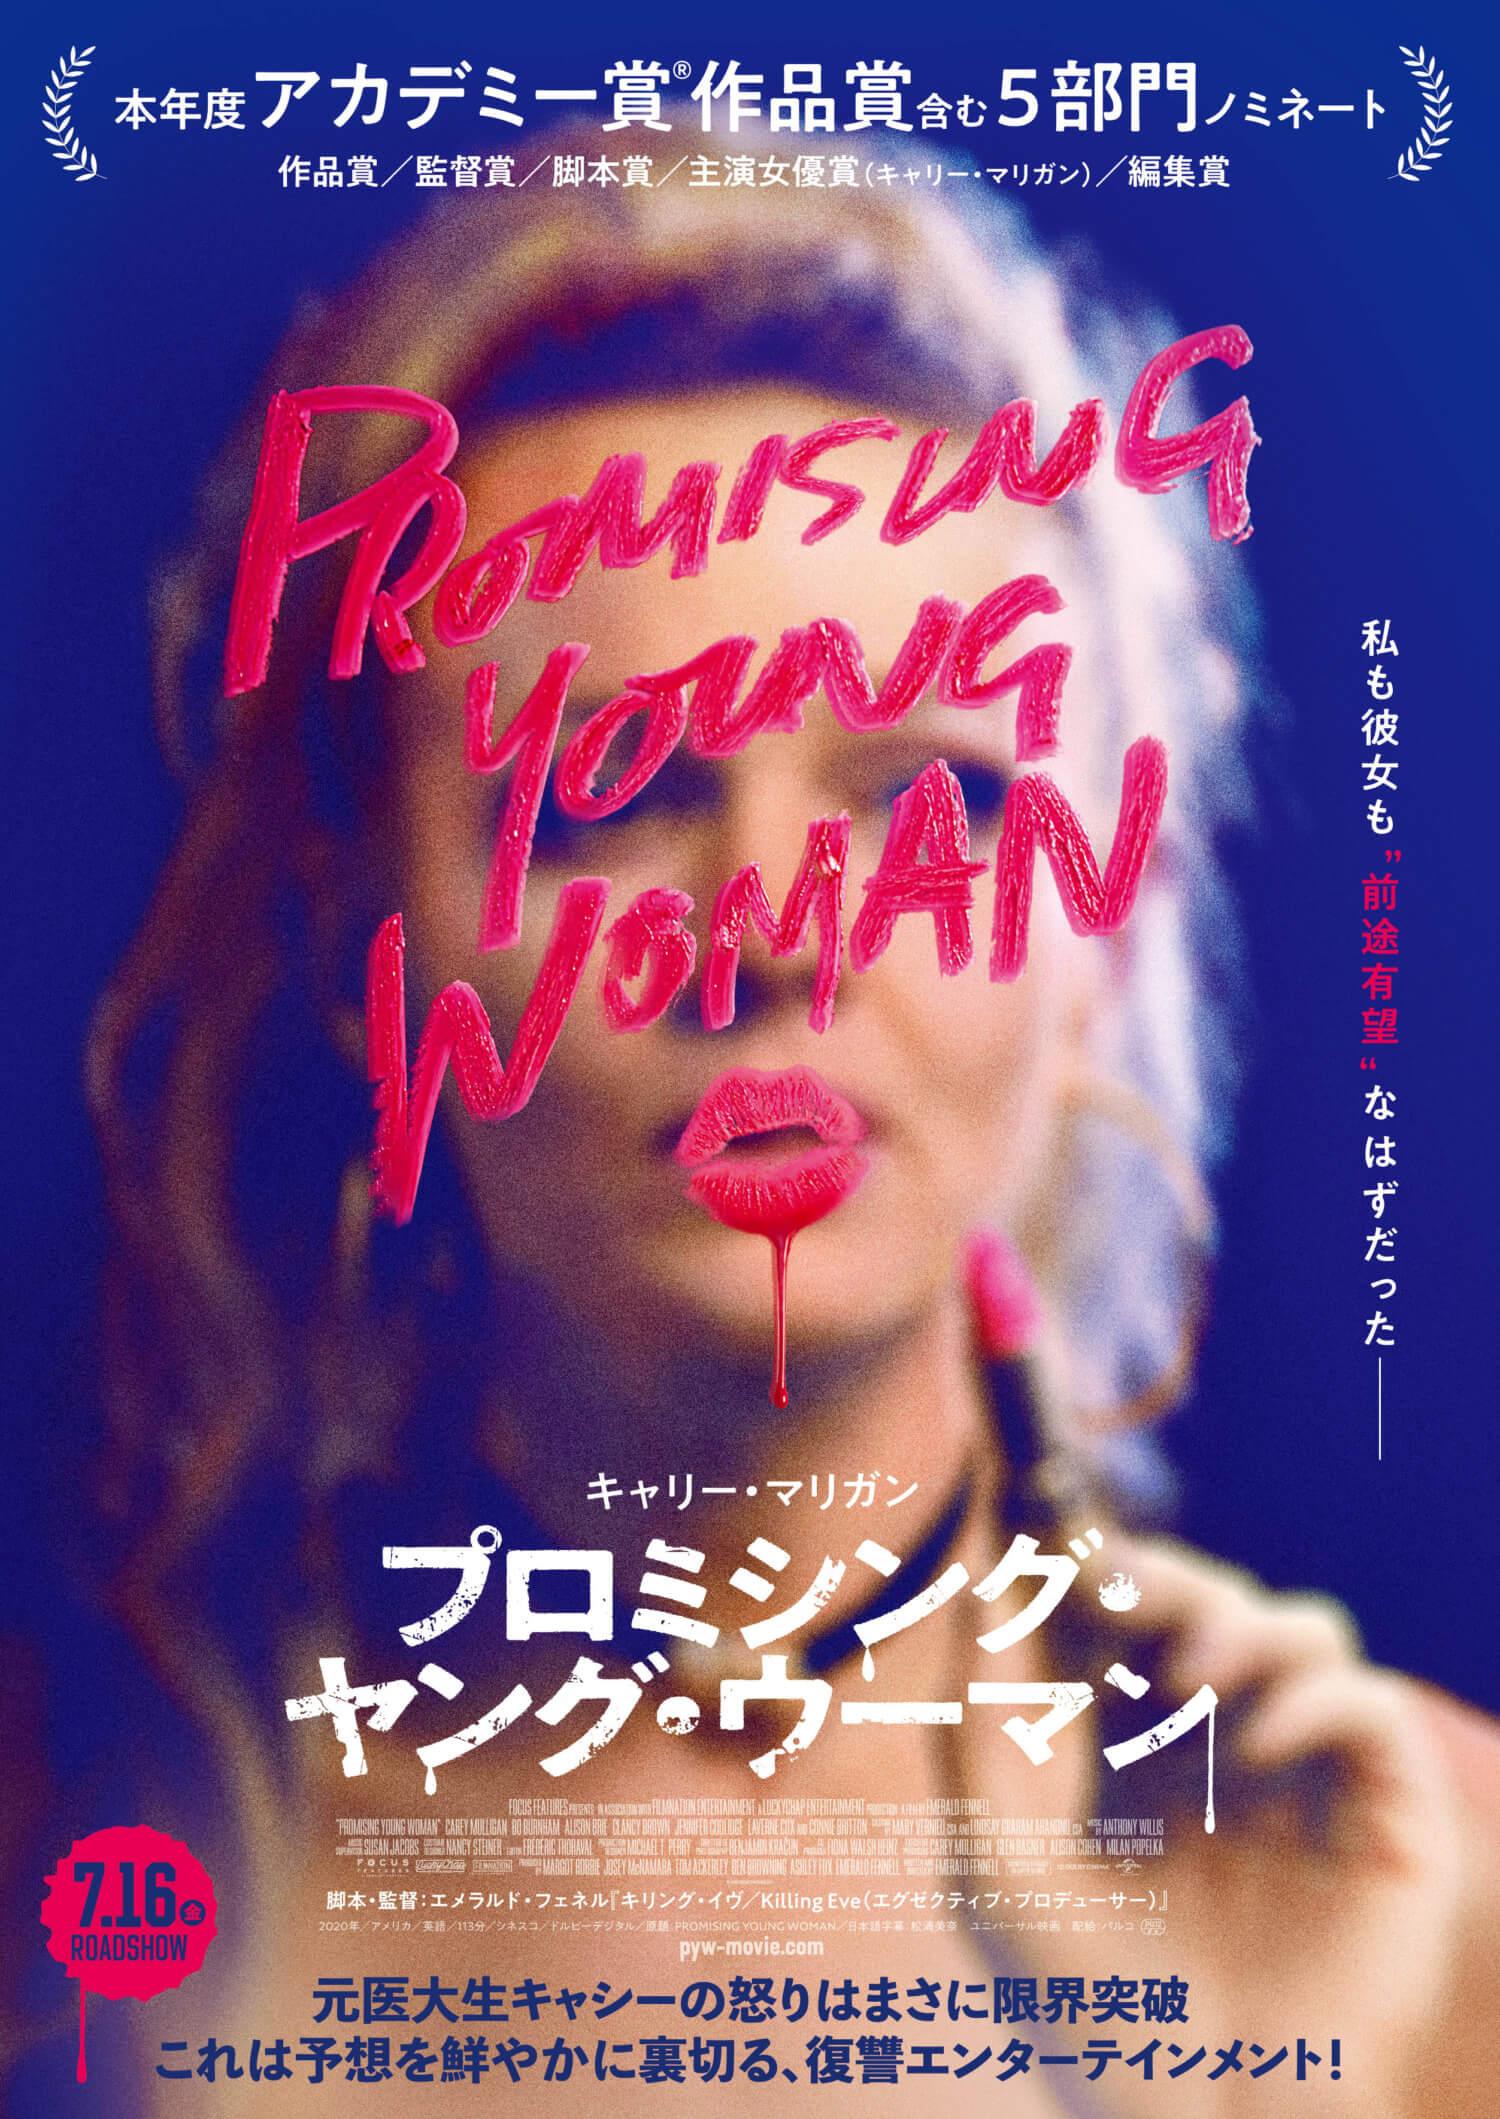 映画「プロミシング・ヤング・ウーマン」ポスター